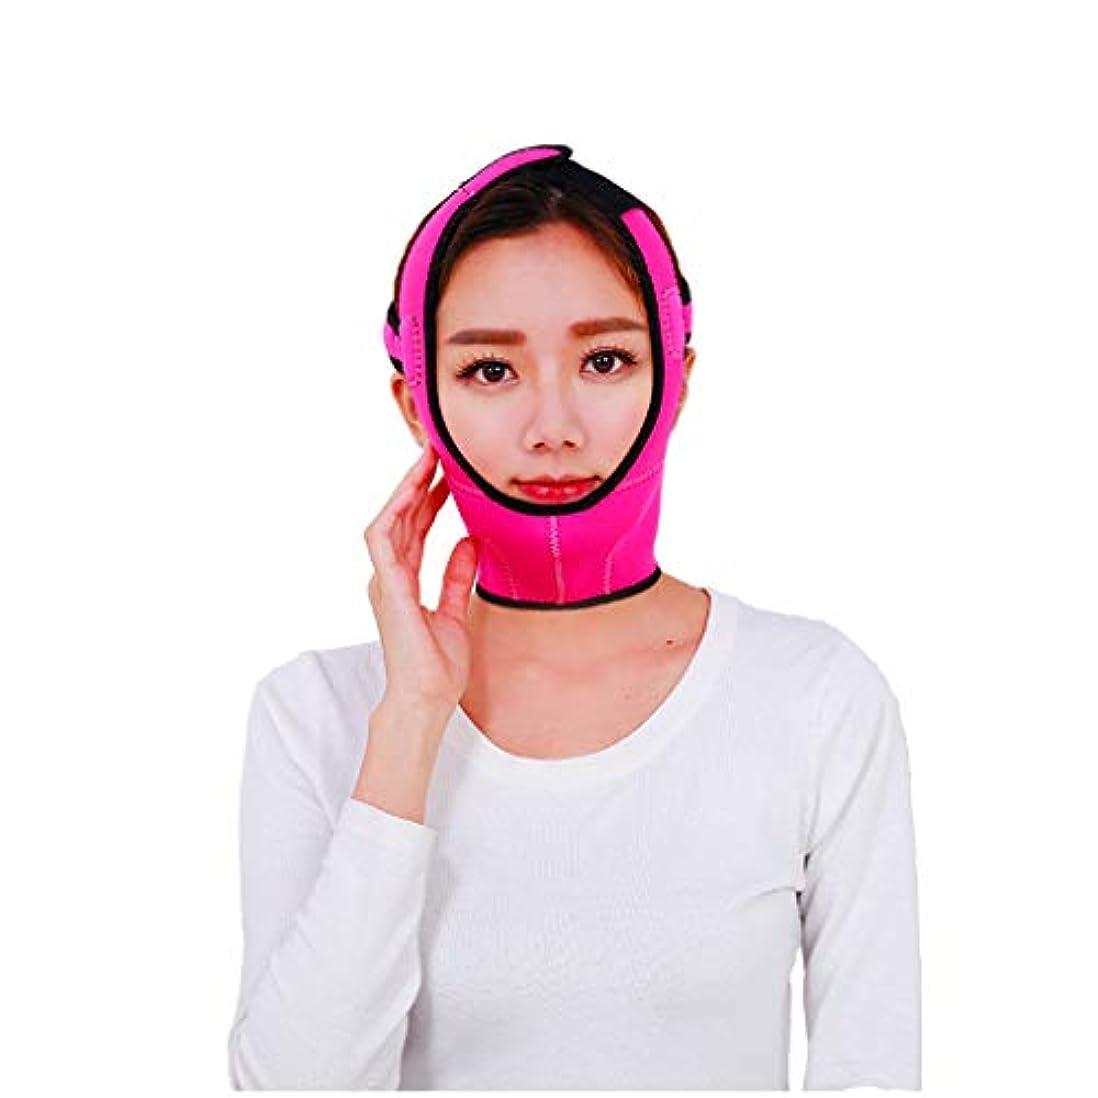 帆委任する宗教顔のマスクは、胸の皮膚を引き締め首の皮膚を強化収縮リフティング包帯を和らげる